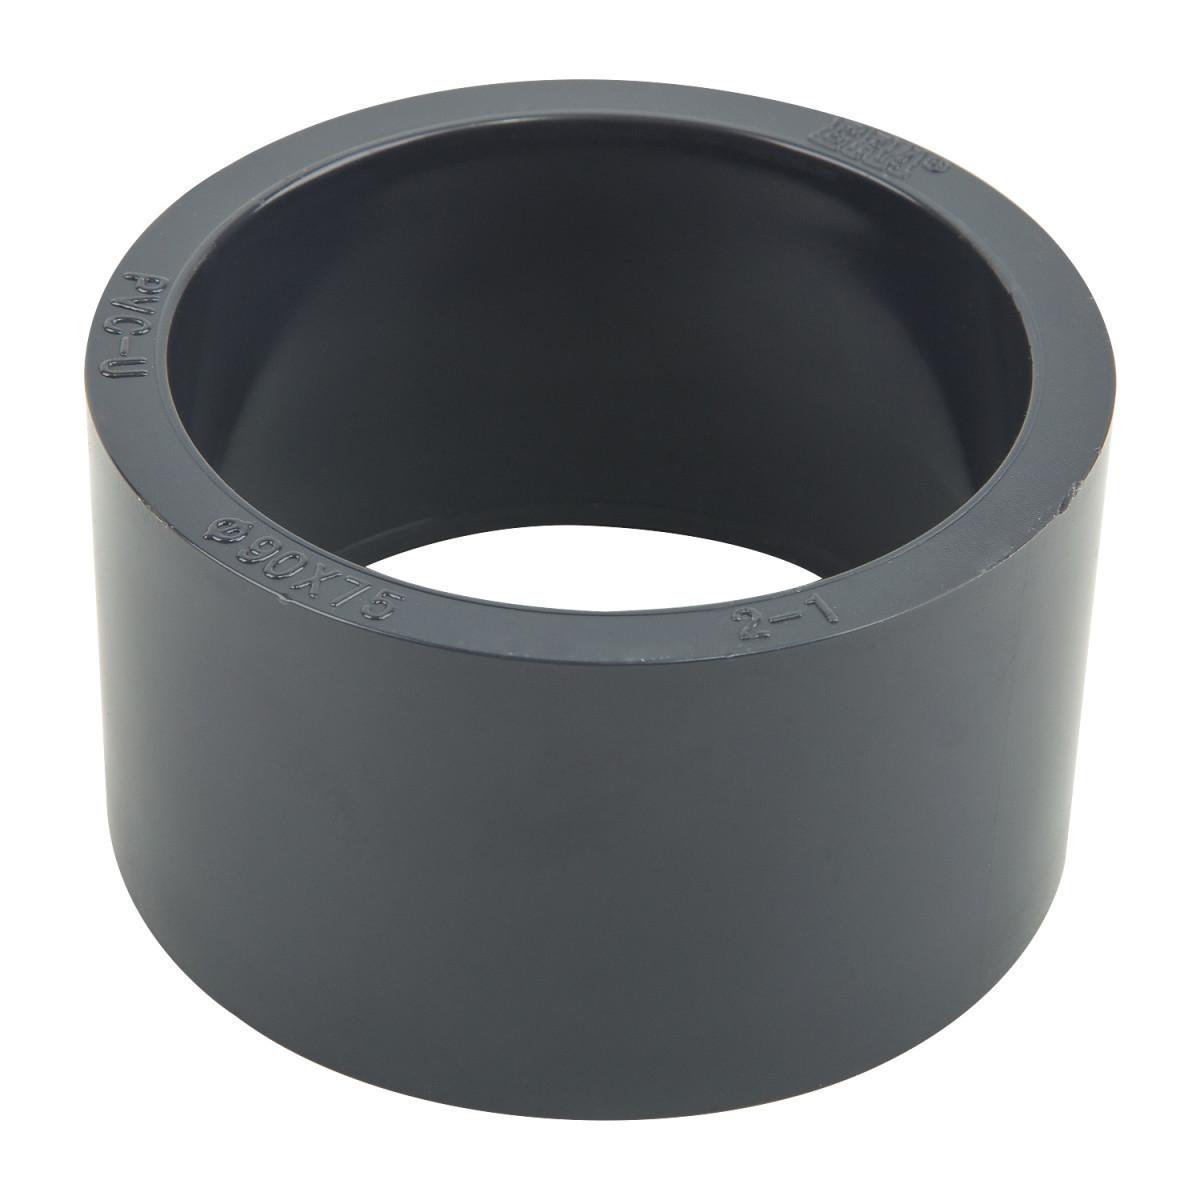 Редукционное кольцо ПВХ ERA 250х200 мм.